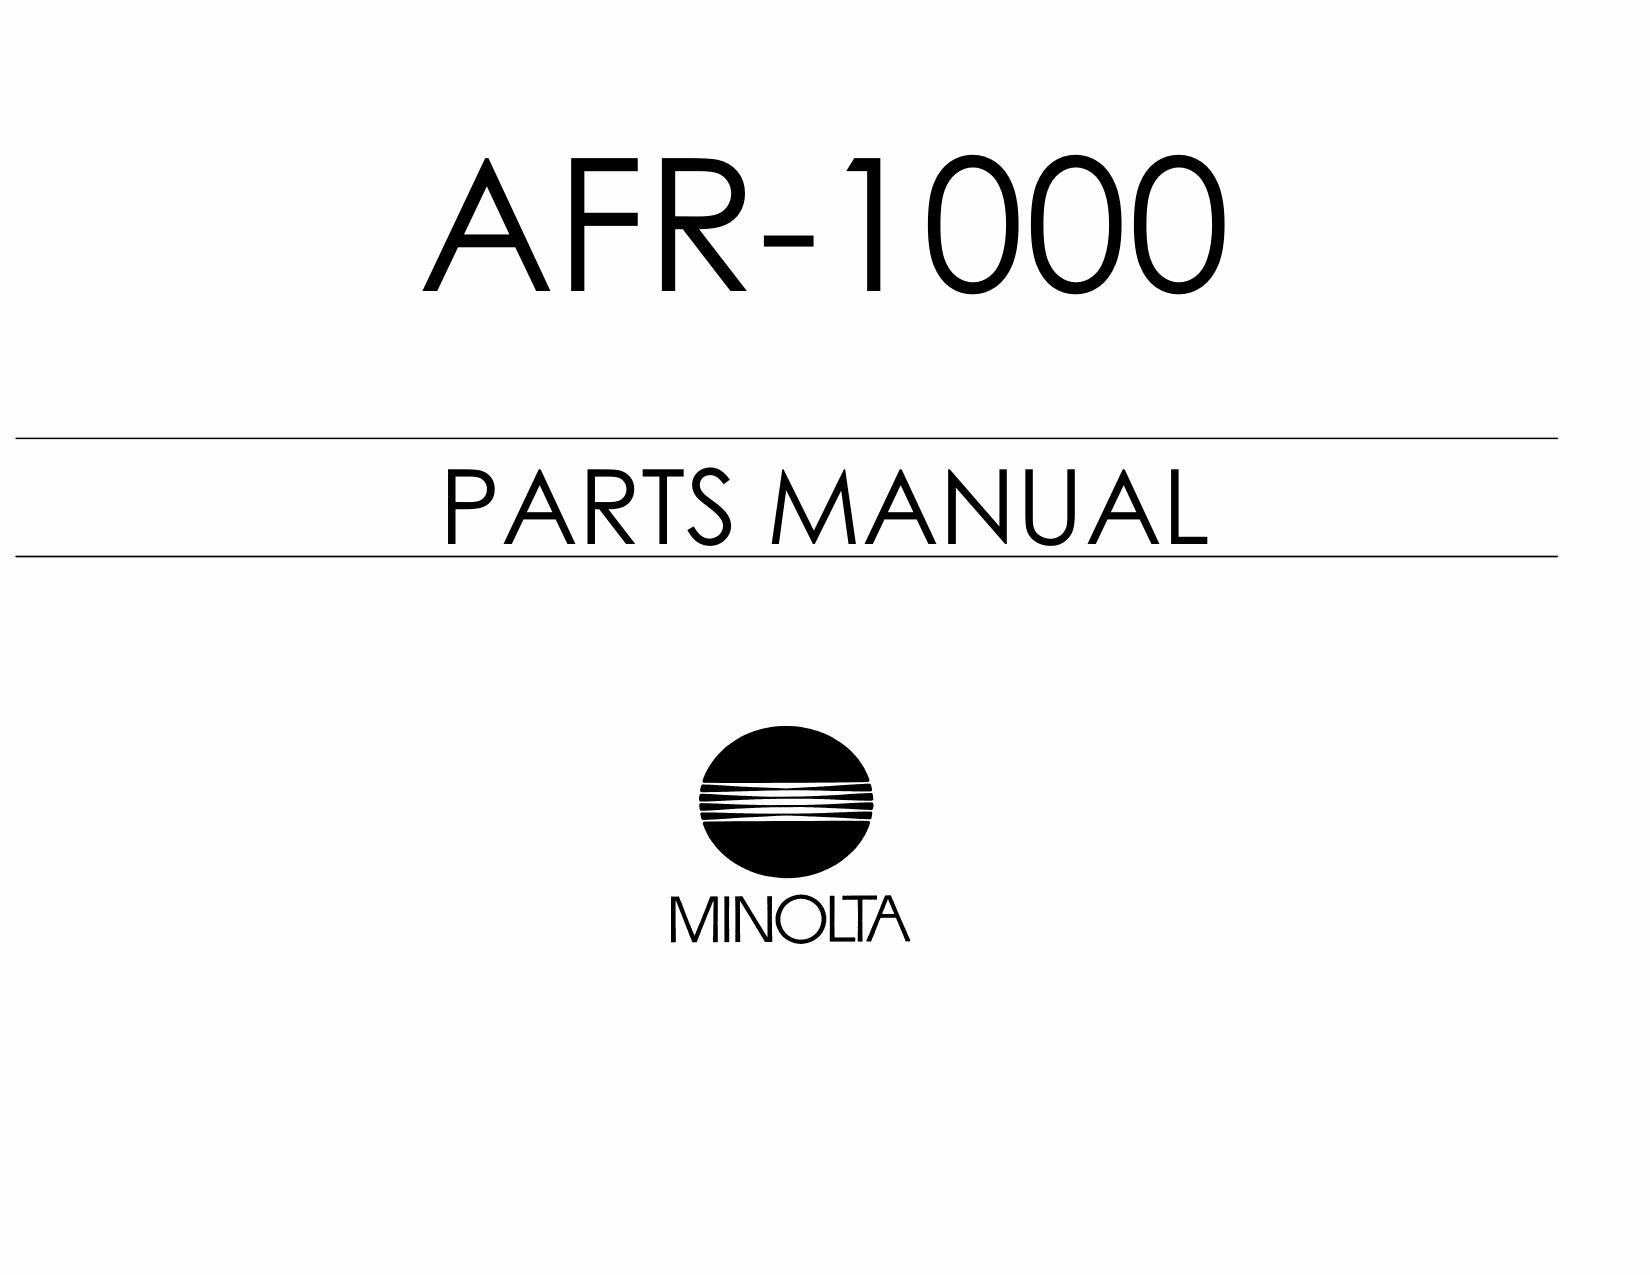 Konica-Minolta Options AFR-1000 Parts Manual